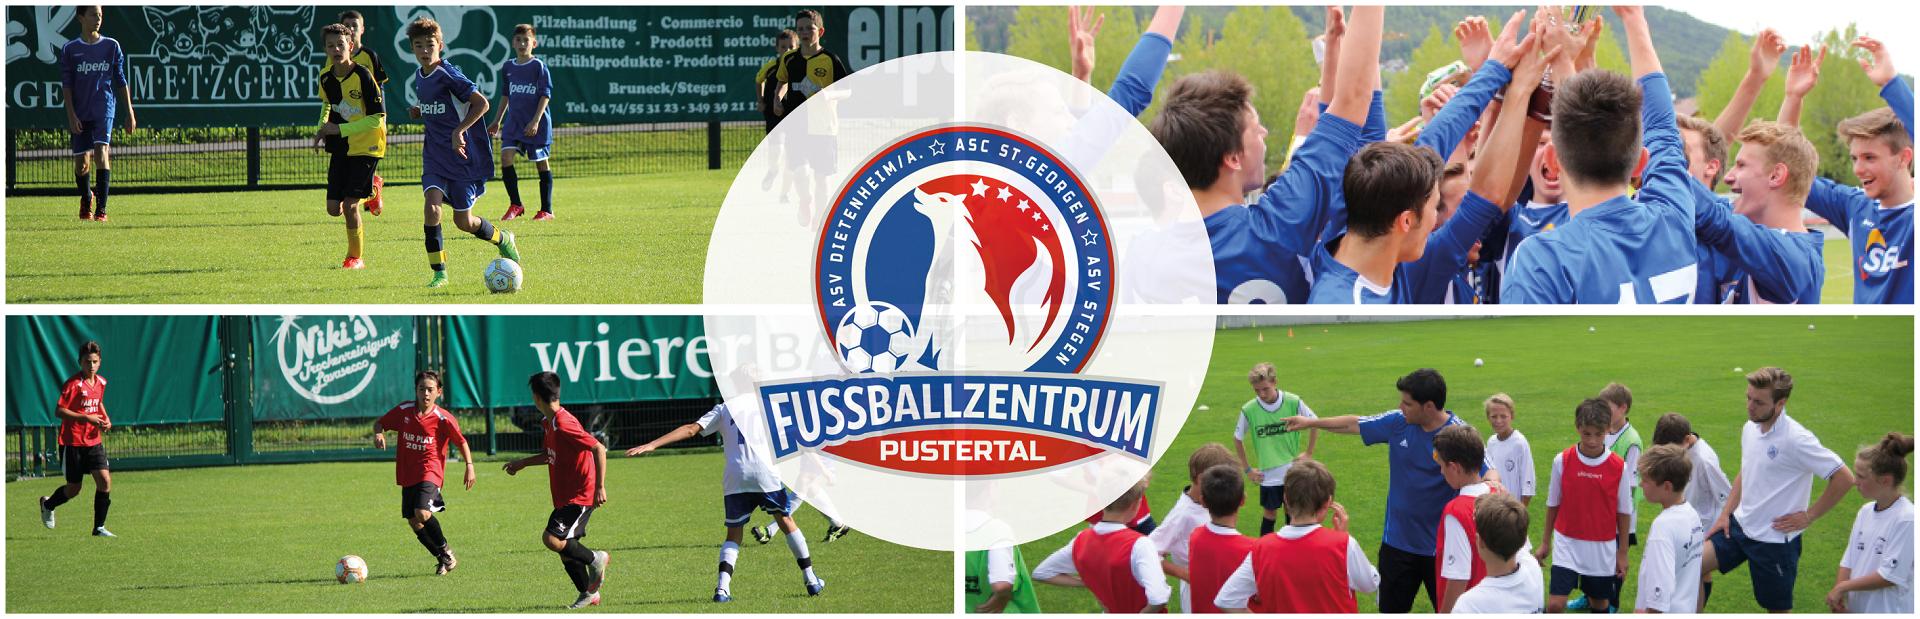 fussballzentrum-pustertal-con-titoli-prova-ita